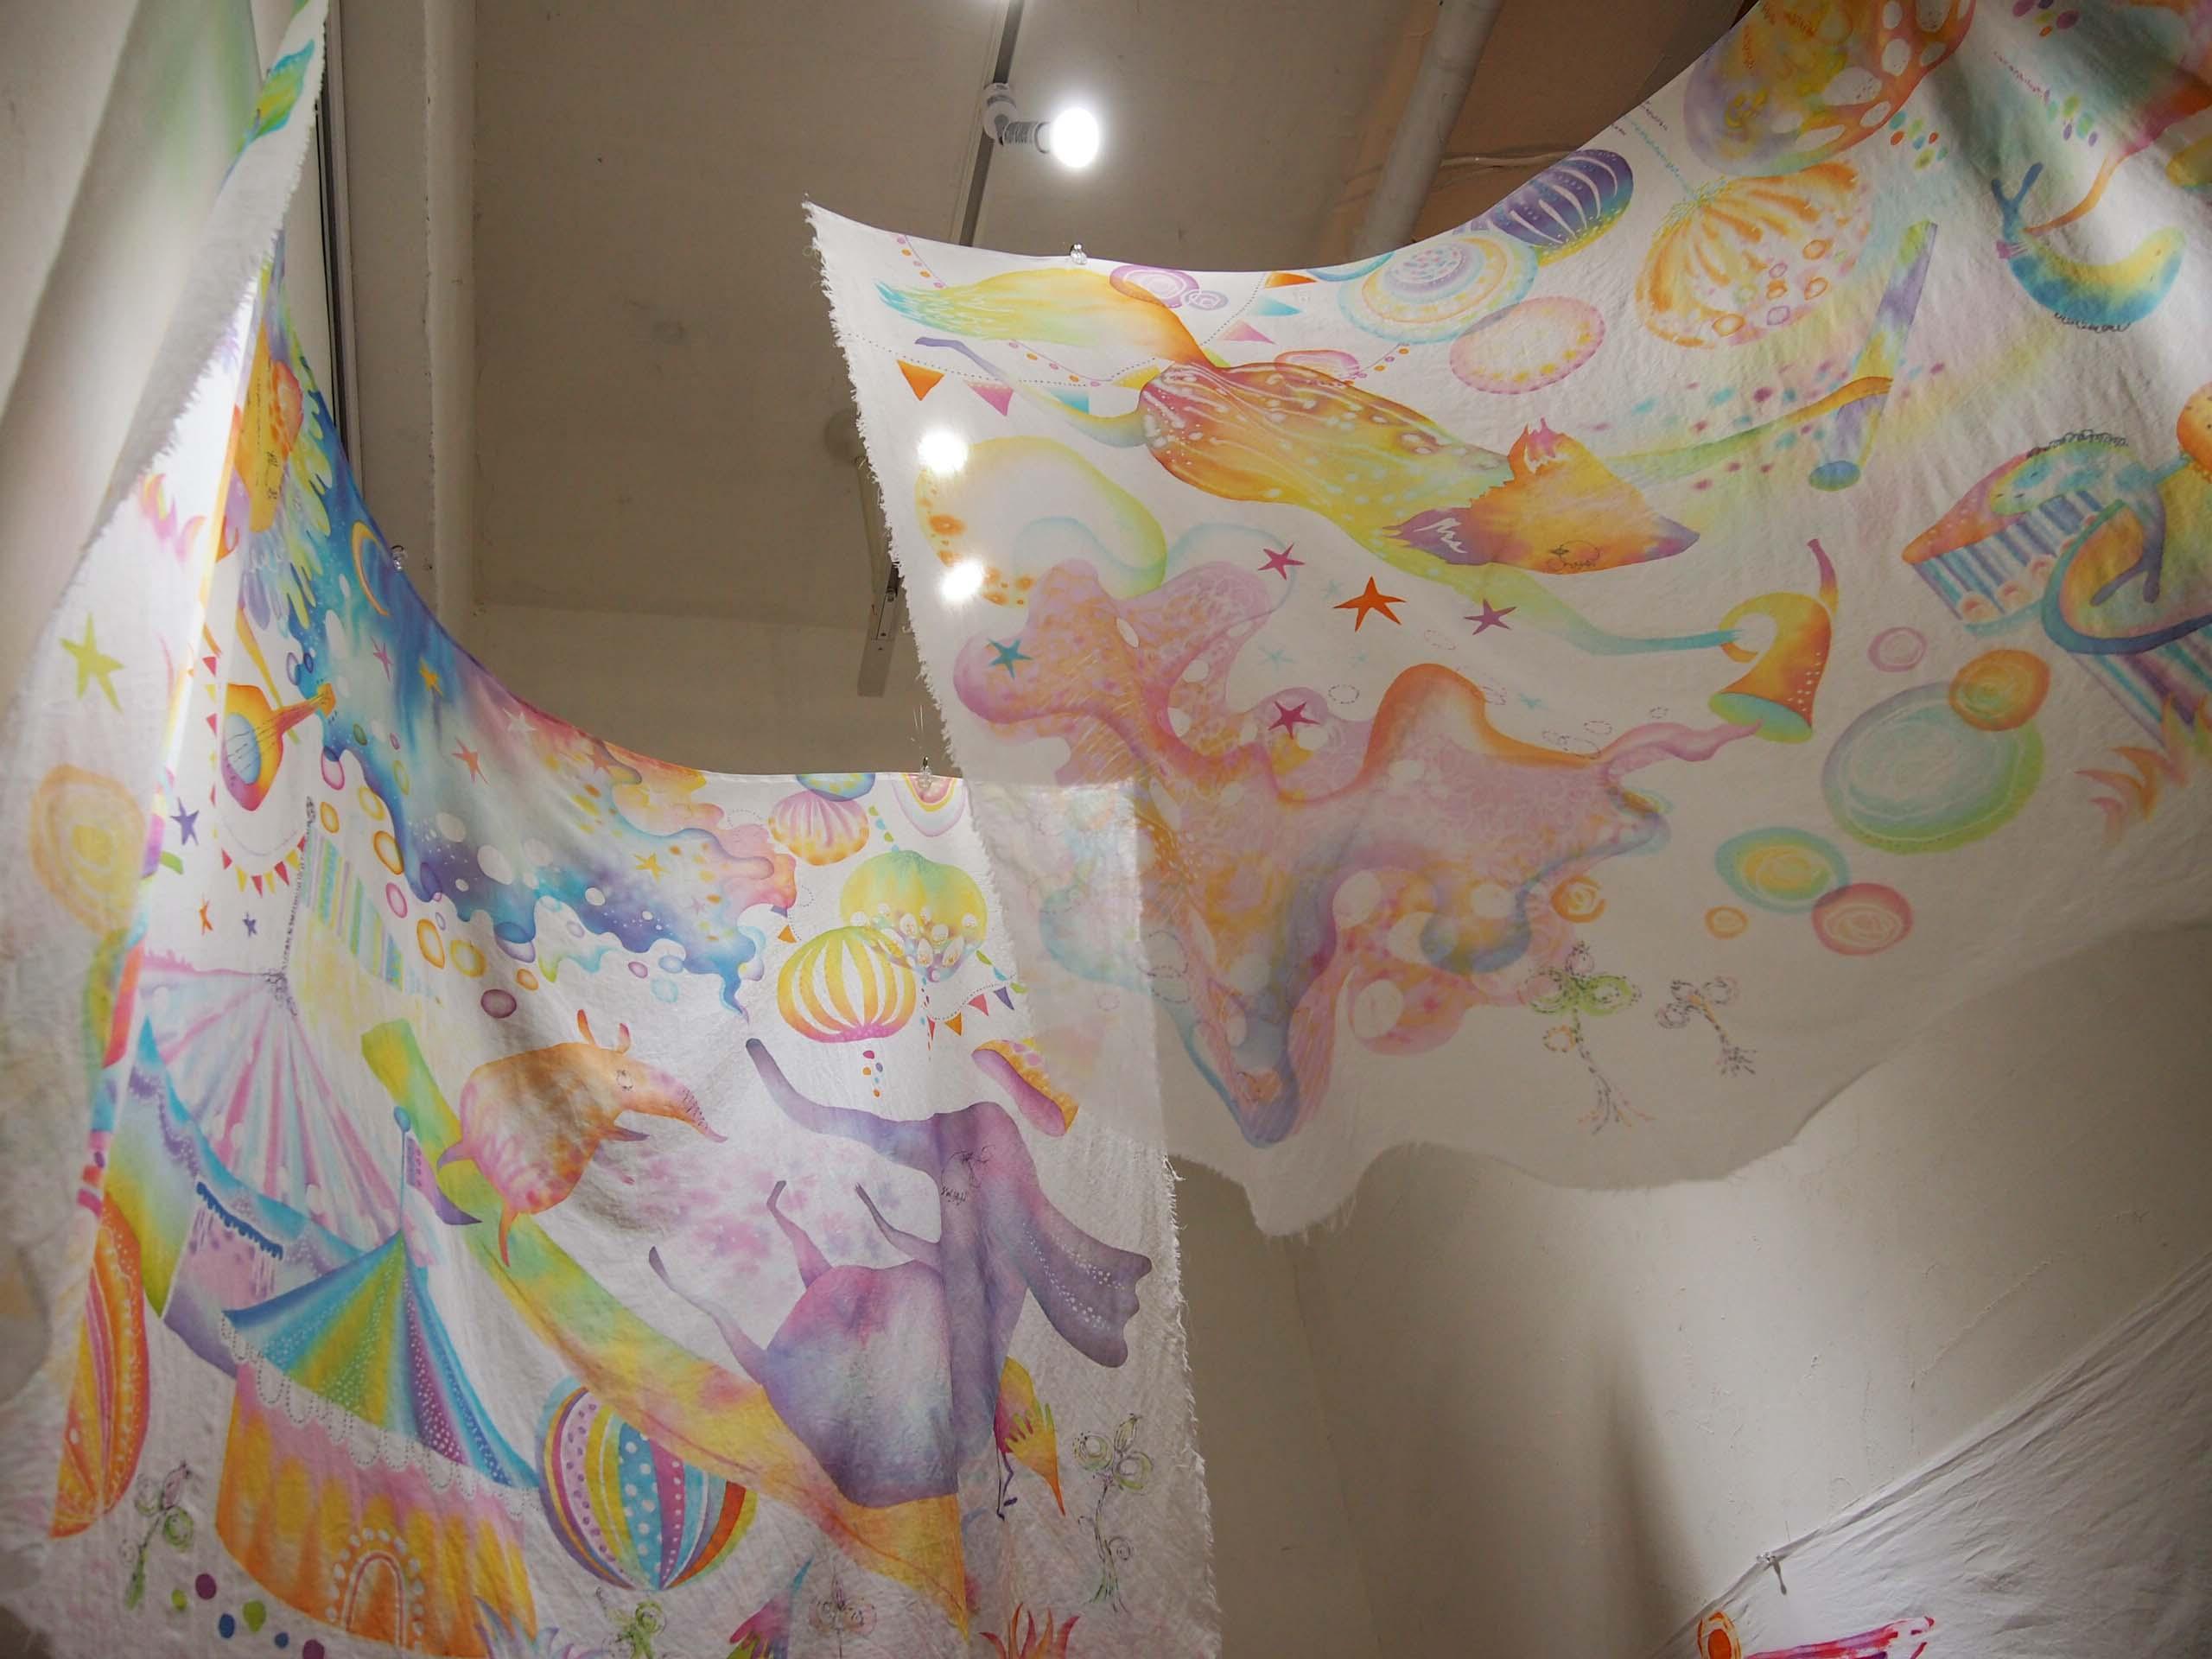 染めモノ教室の初夏展@4日目_e0272050_18241976.jpg